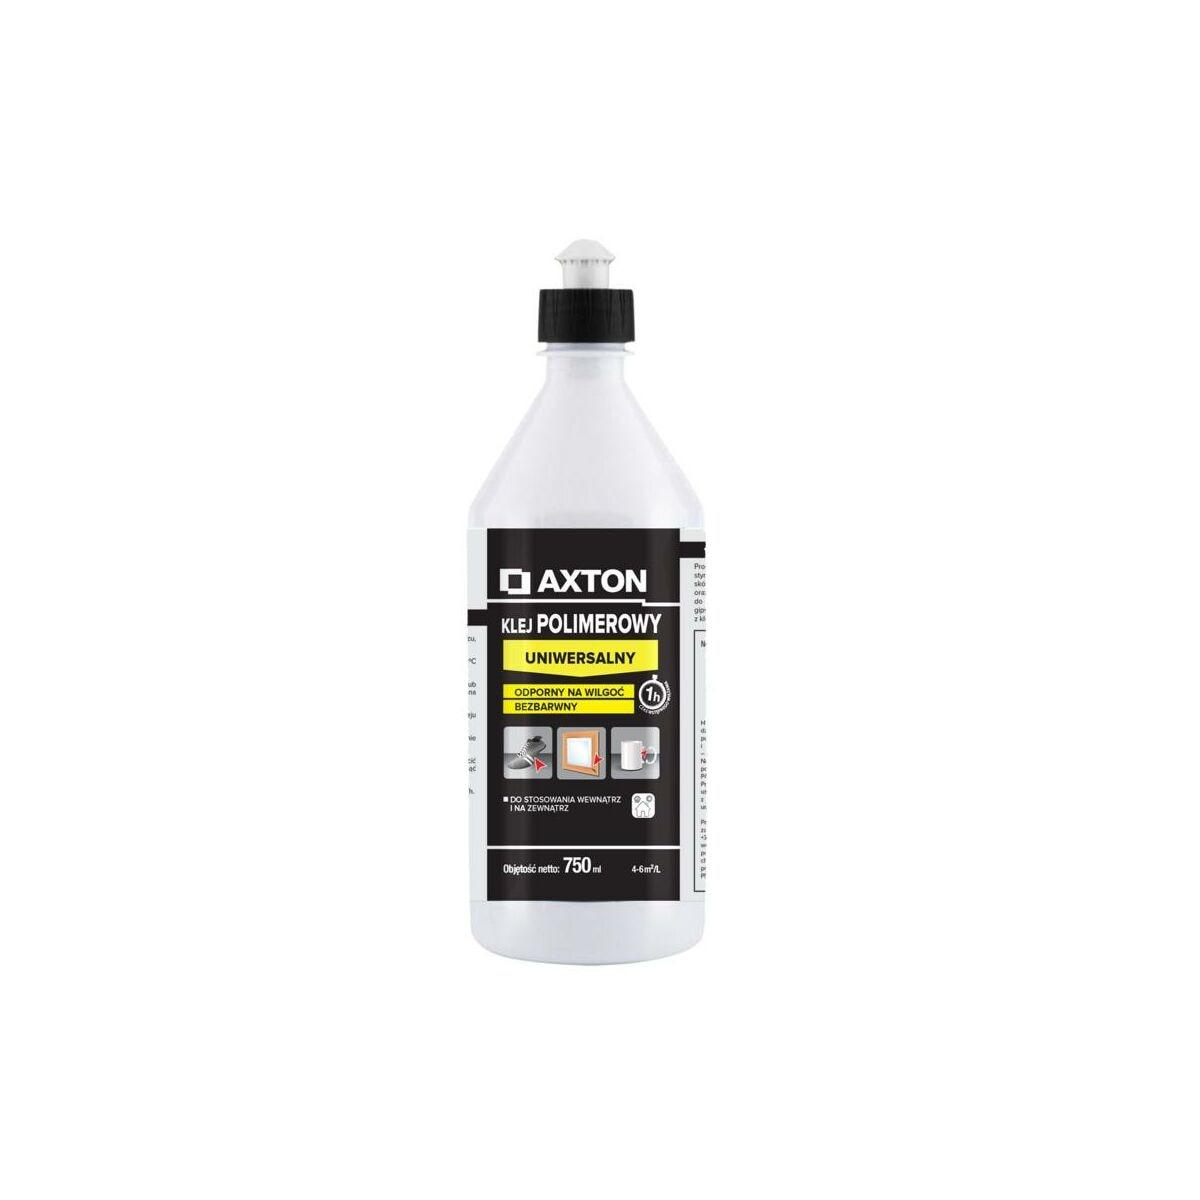 Klej polimerowy UNIWERSALNY bezbarwny 750 ml AXTON